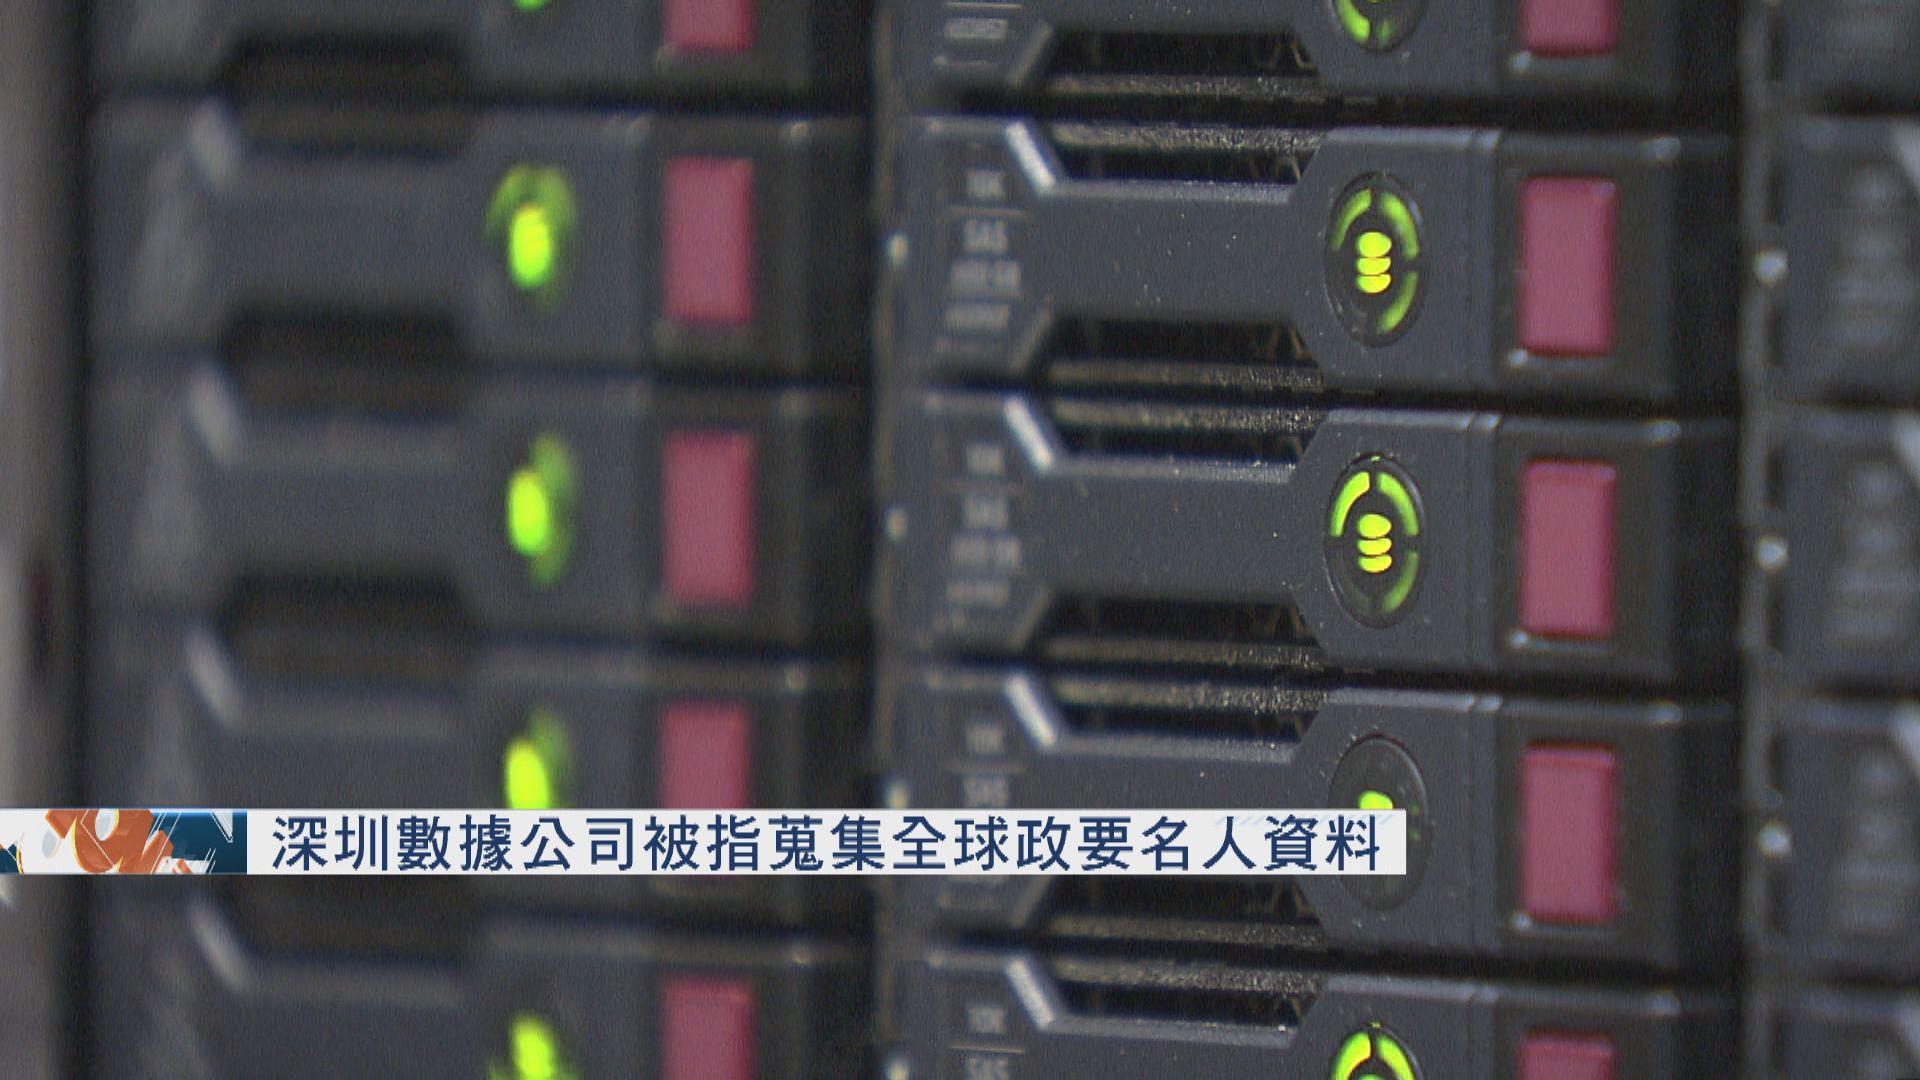 深圳數據公司被指蒐集全球政要名人資料